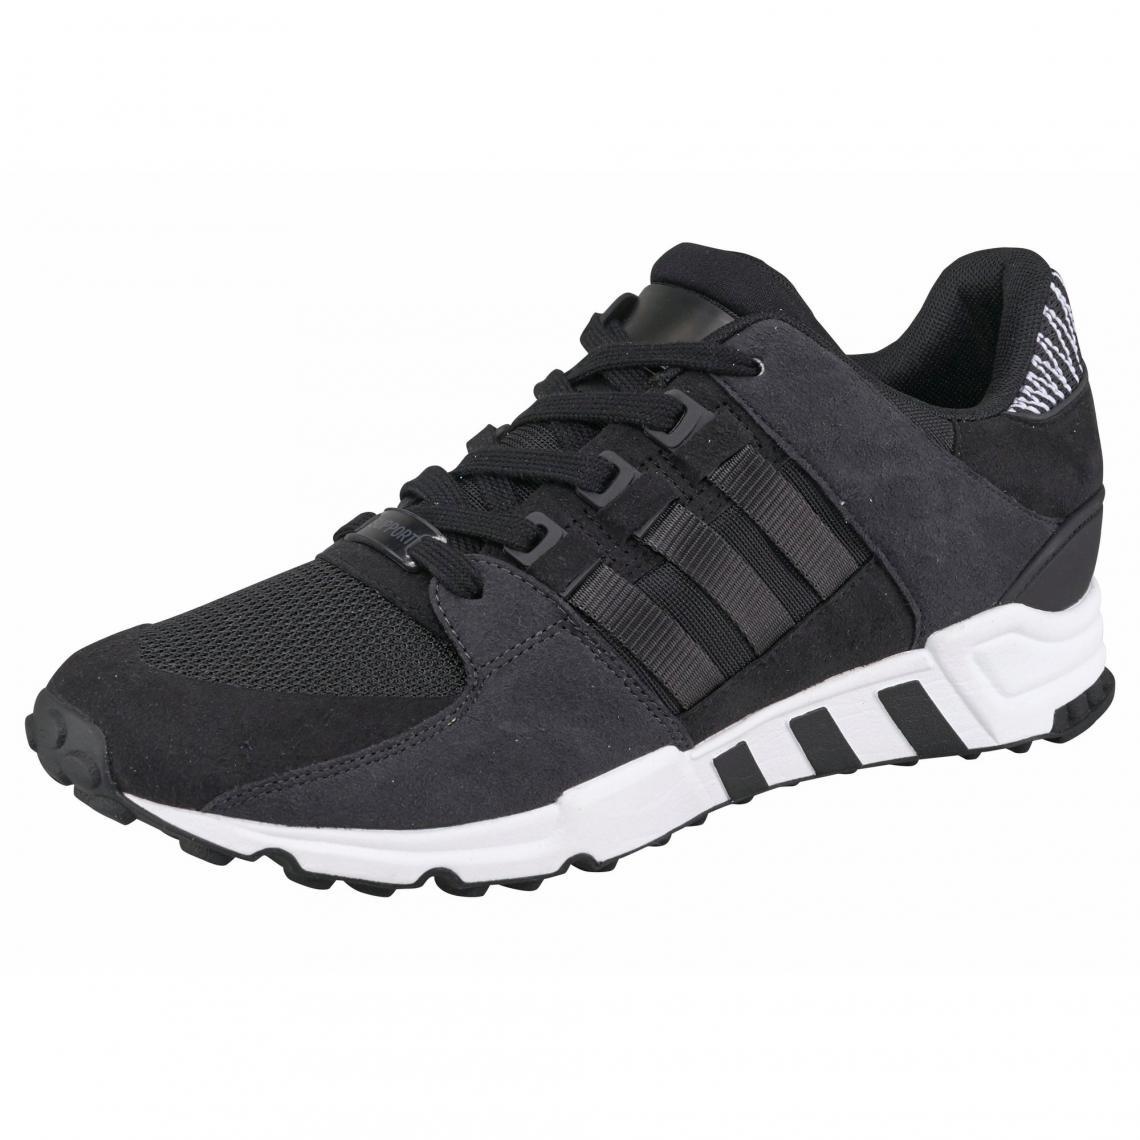 first rate d6514 eafd4 adidas Originals EQT Support RF chaussures de running homme - Blanc - Noir  Adidas Originals Homme